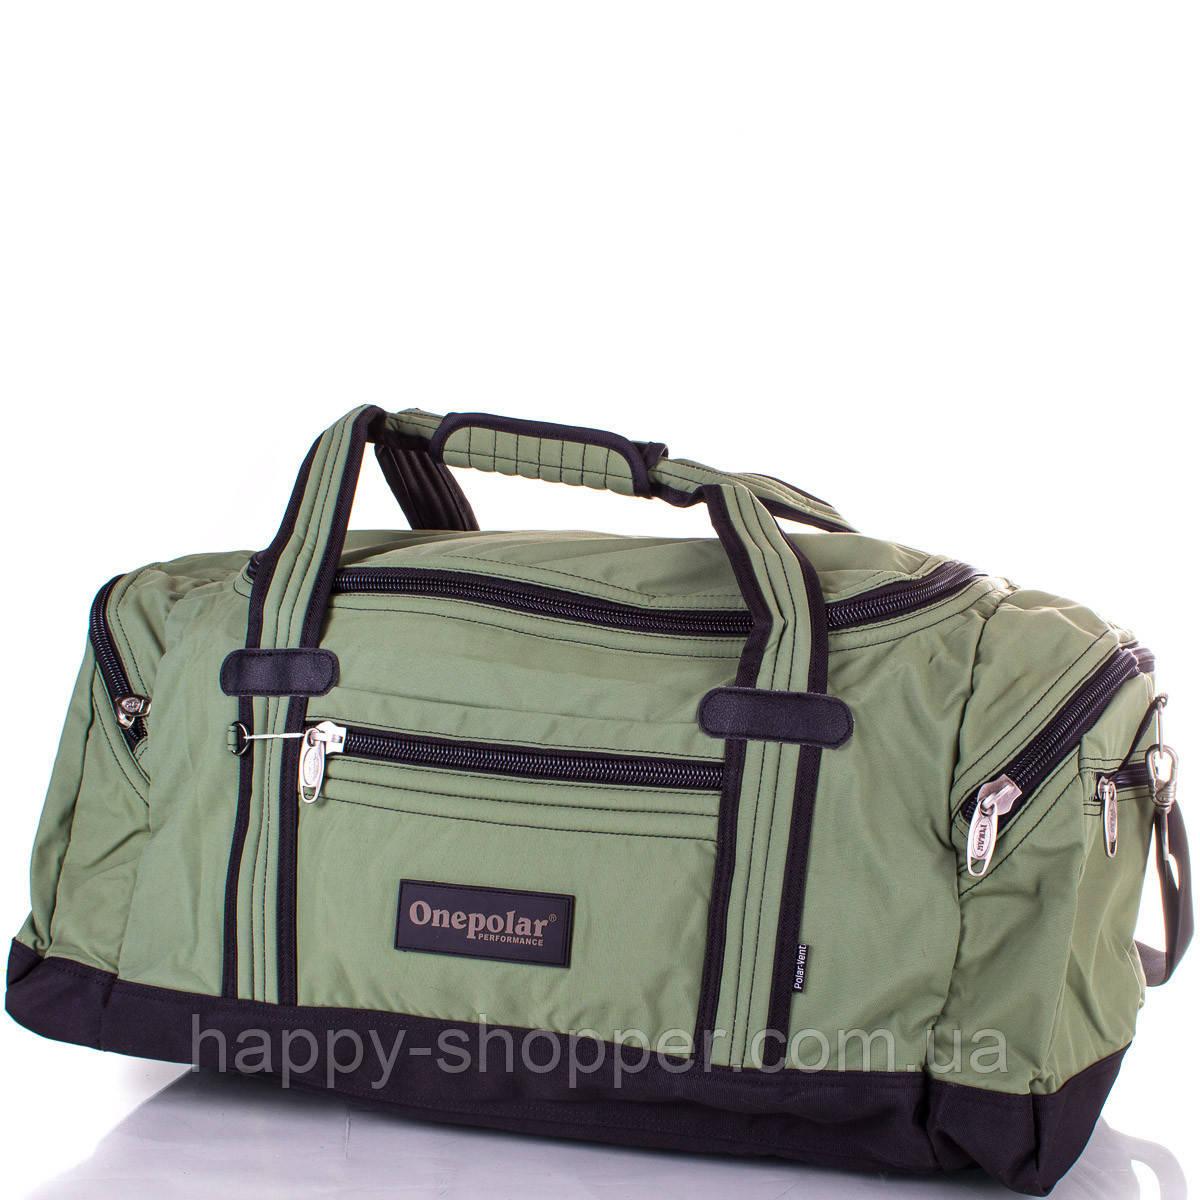 Оливковая сумка 50 л Onepolar В 808